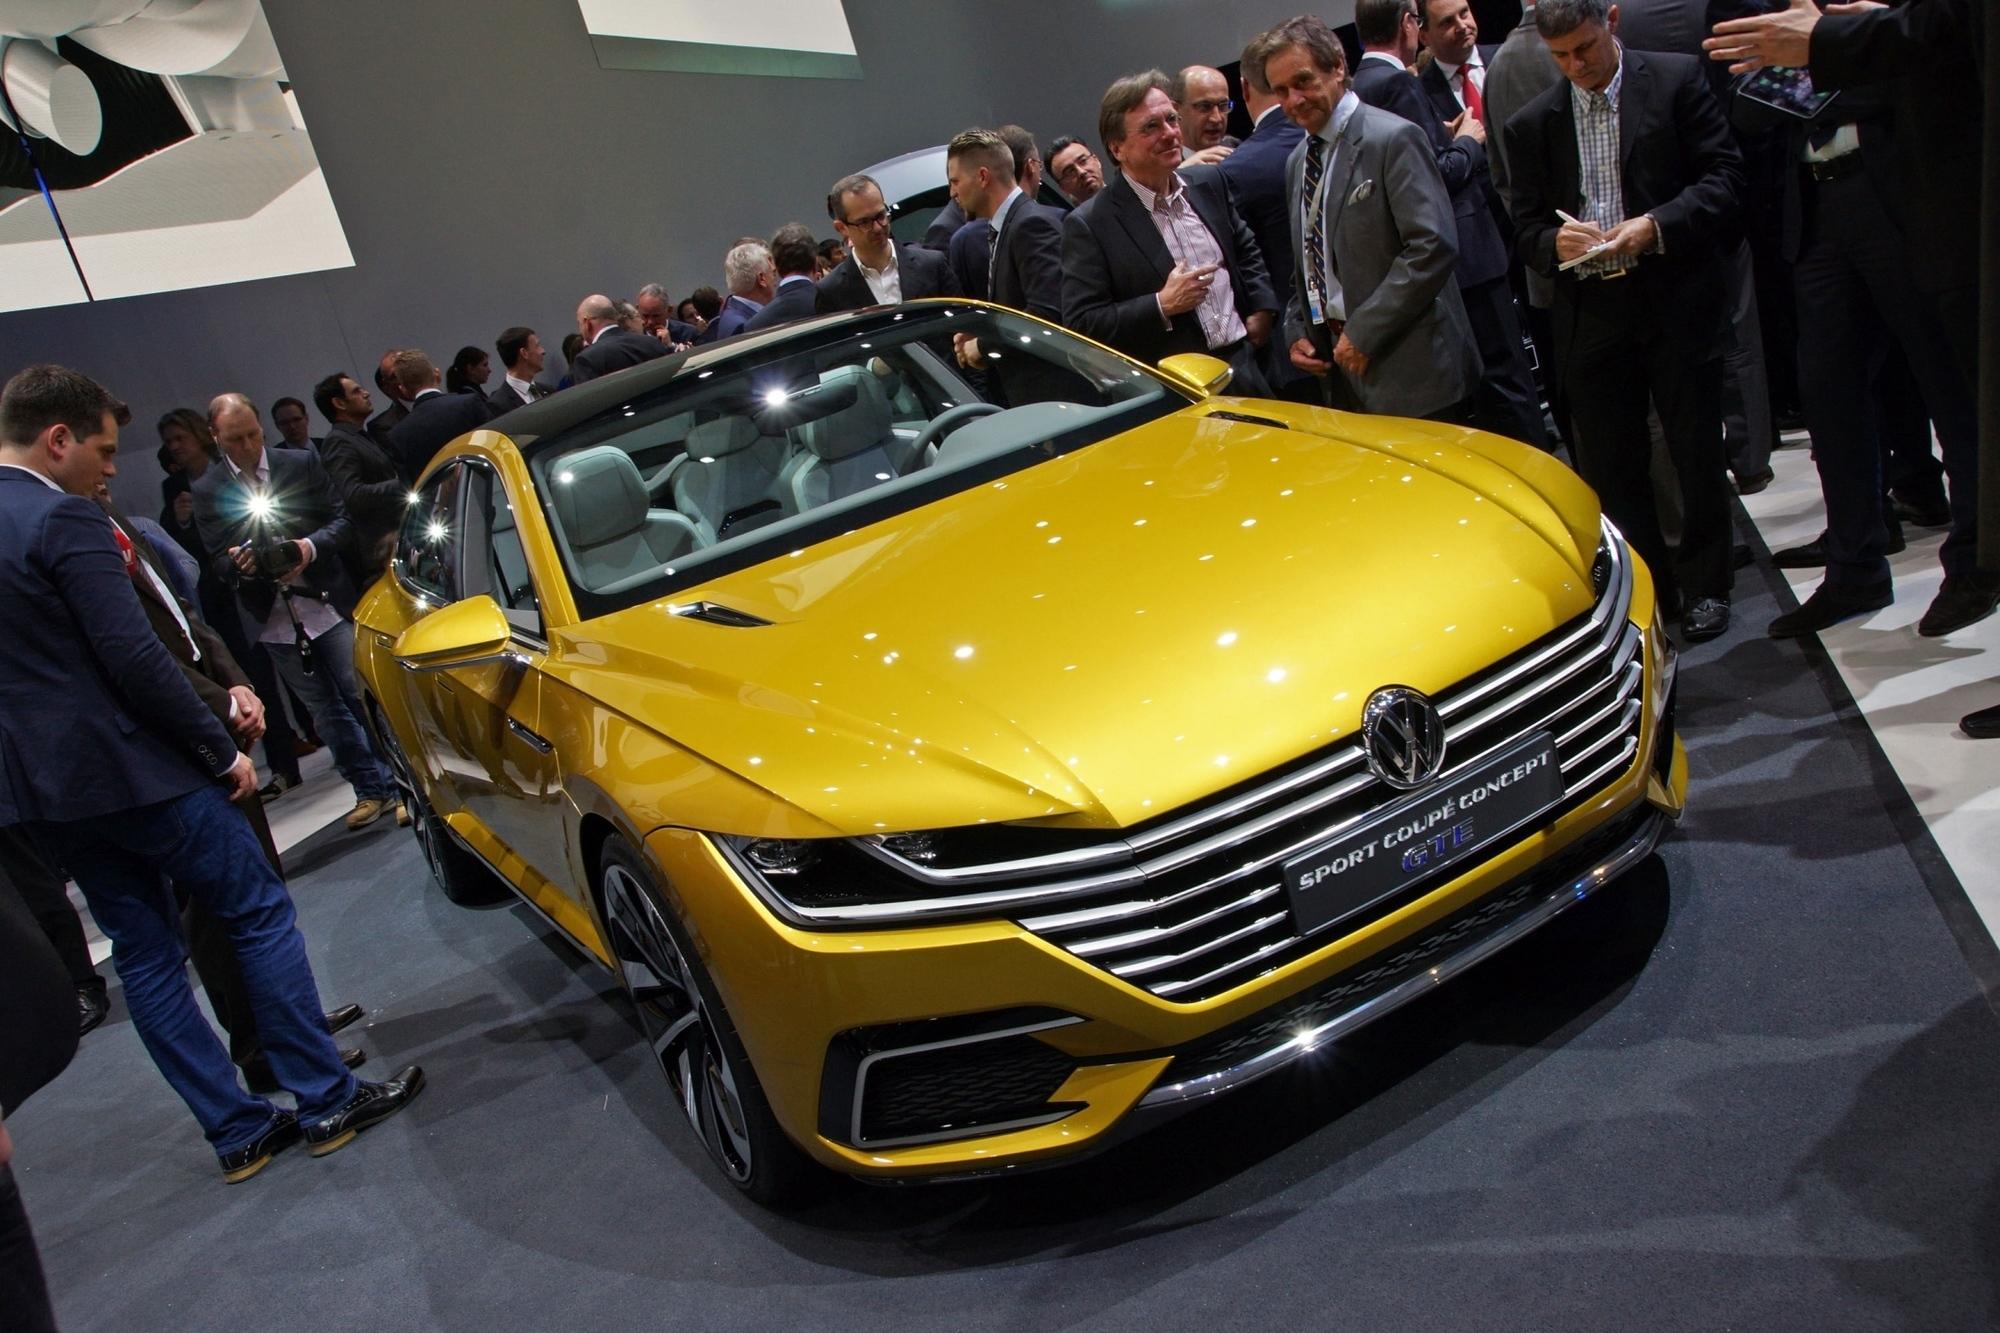 VW Sport Coupé Concept GTE - Edel-Passat mit Zukunftsperspektive